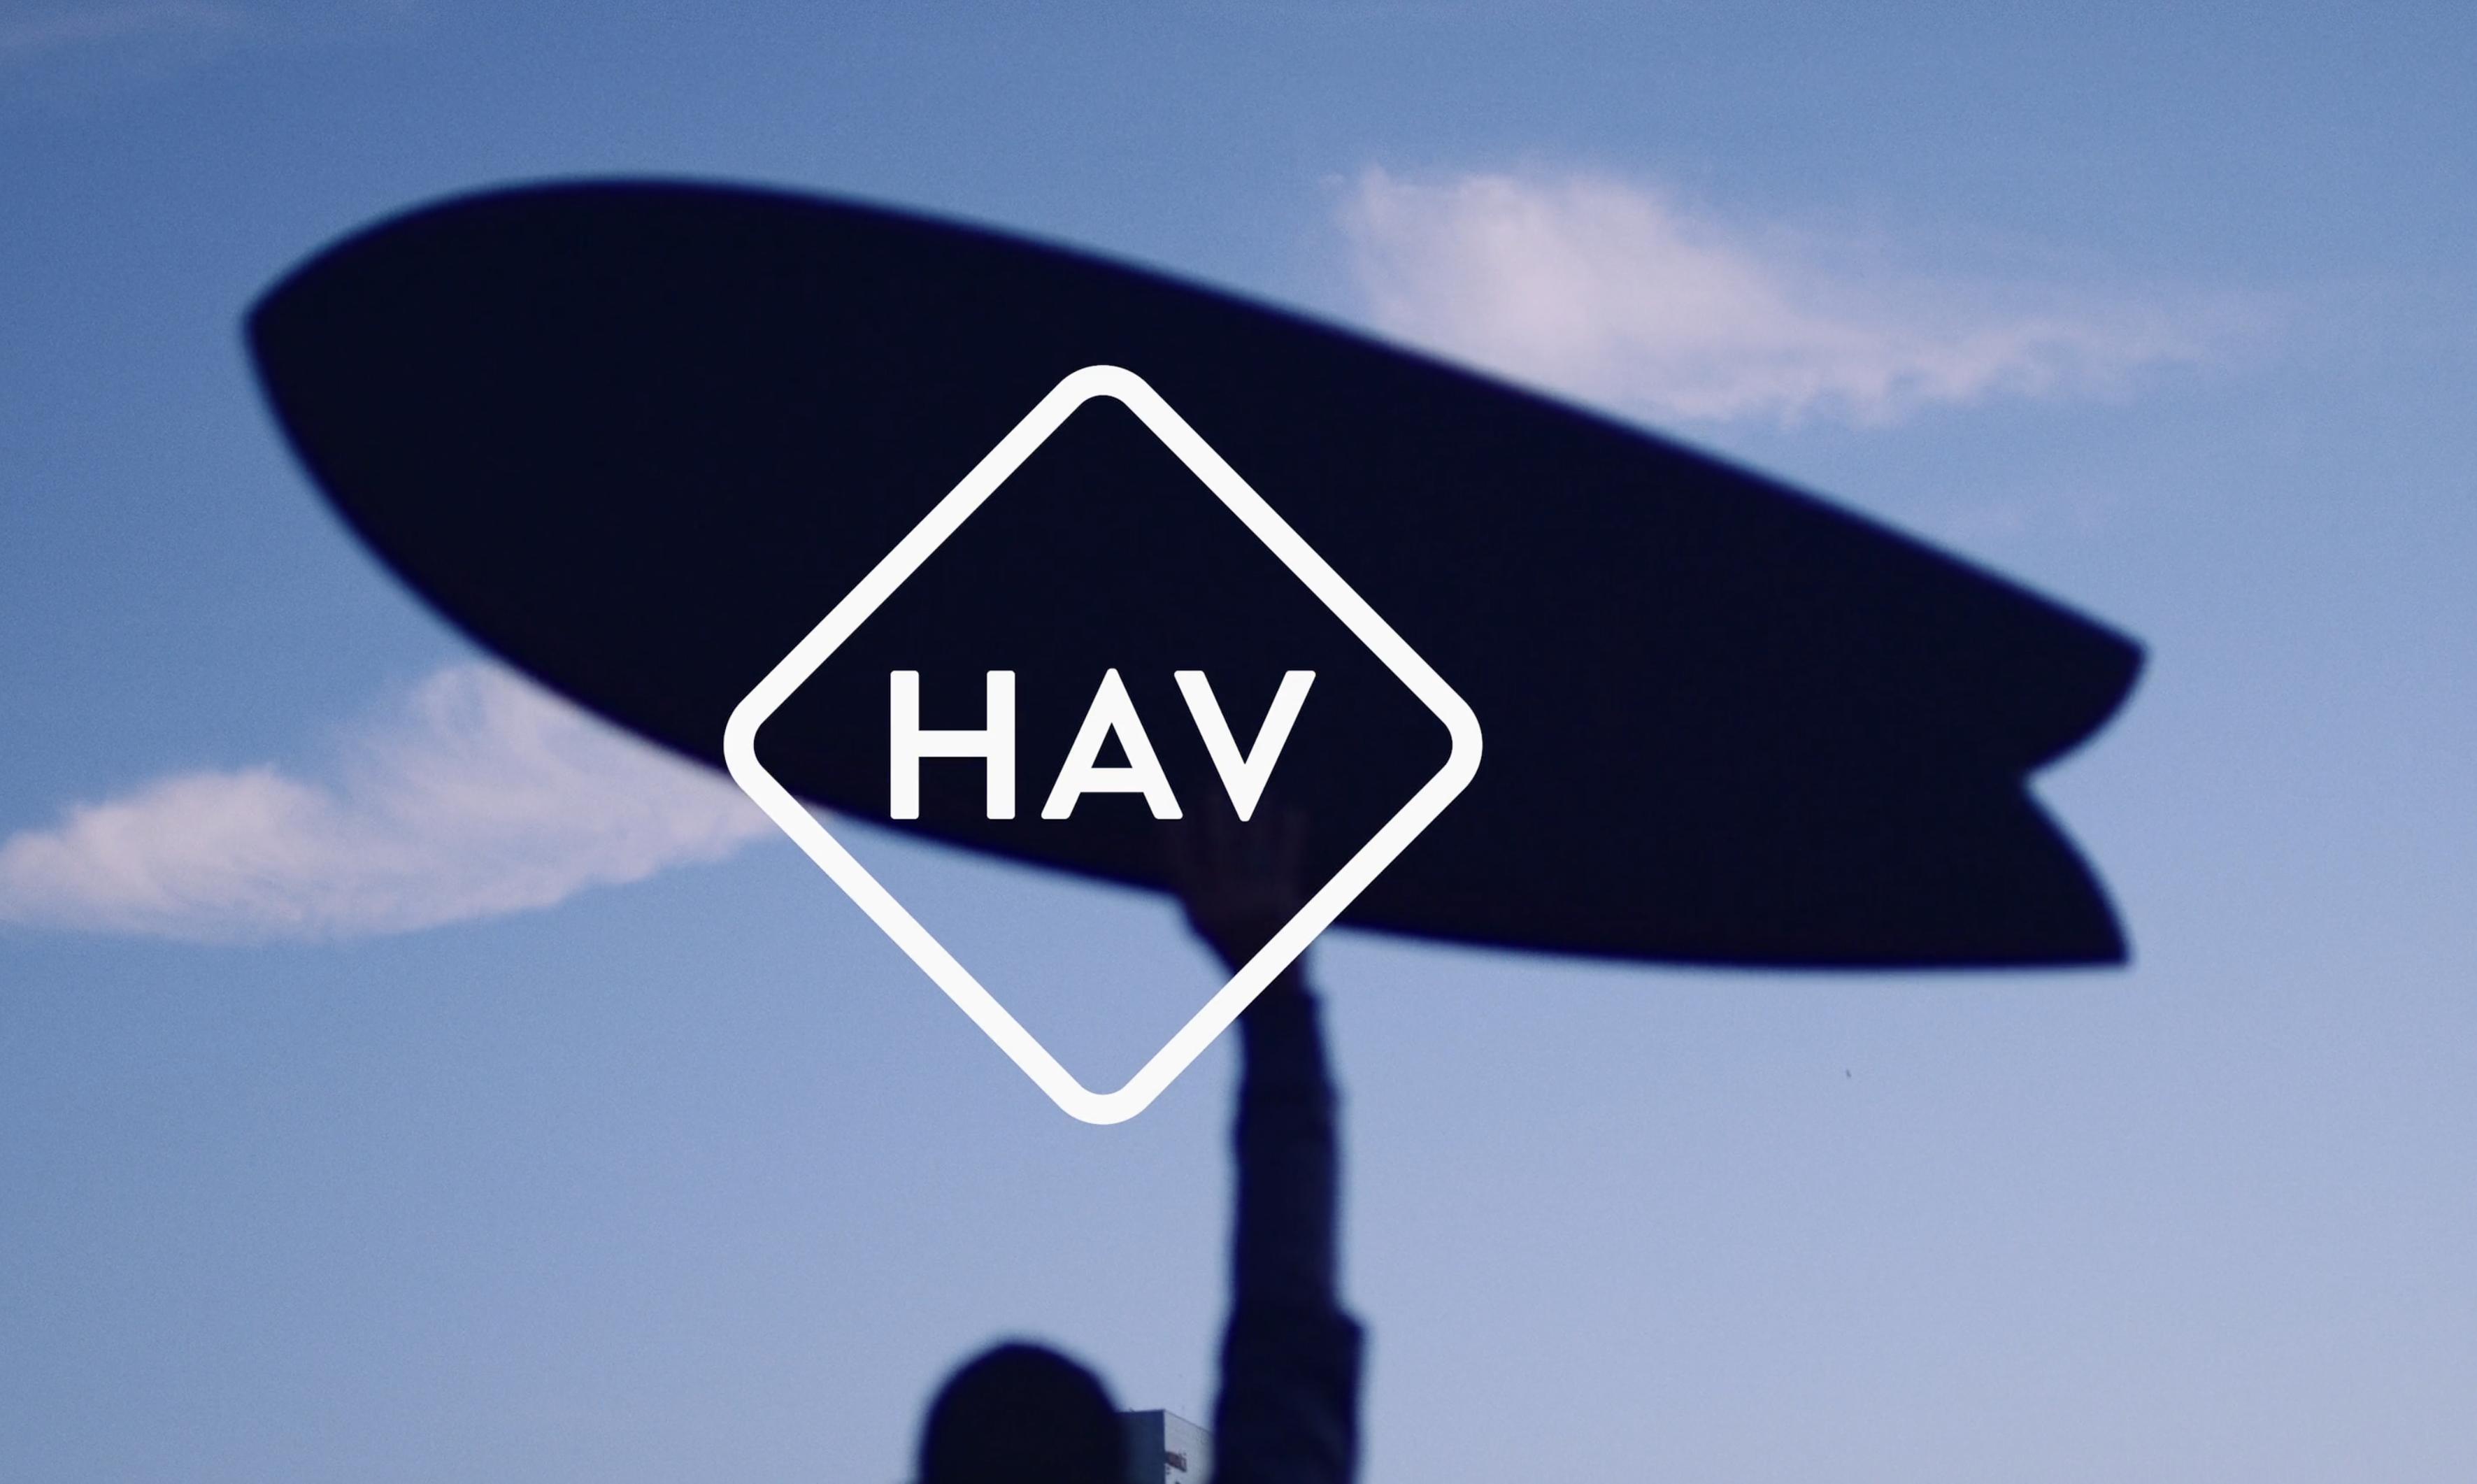 HAV Surfoboards